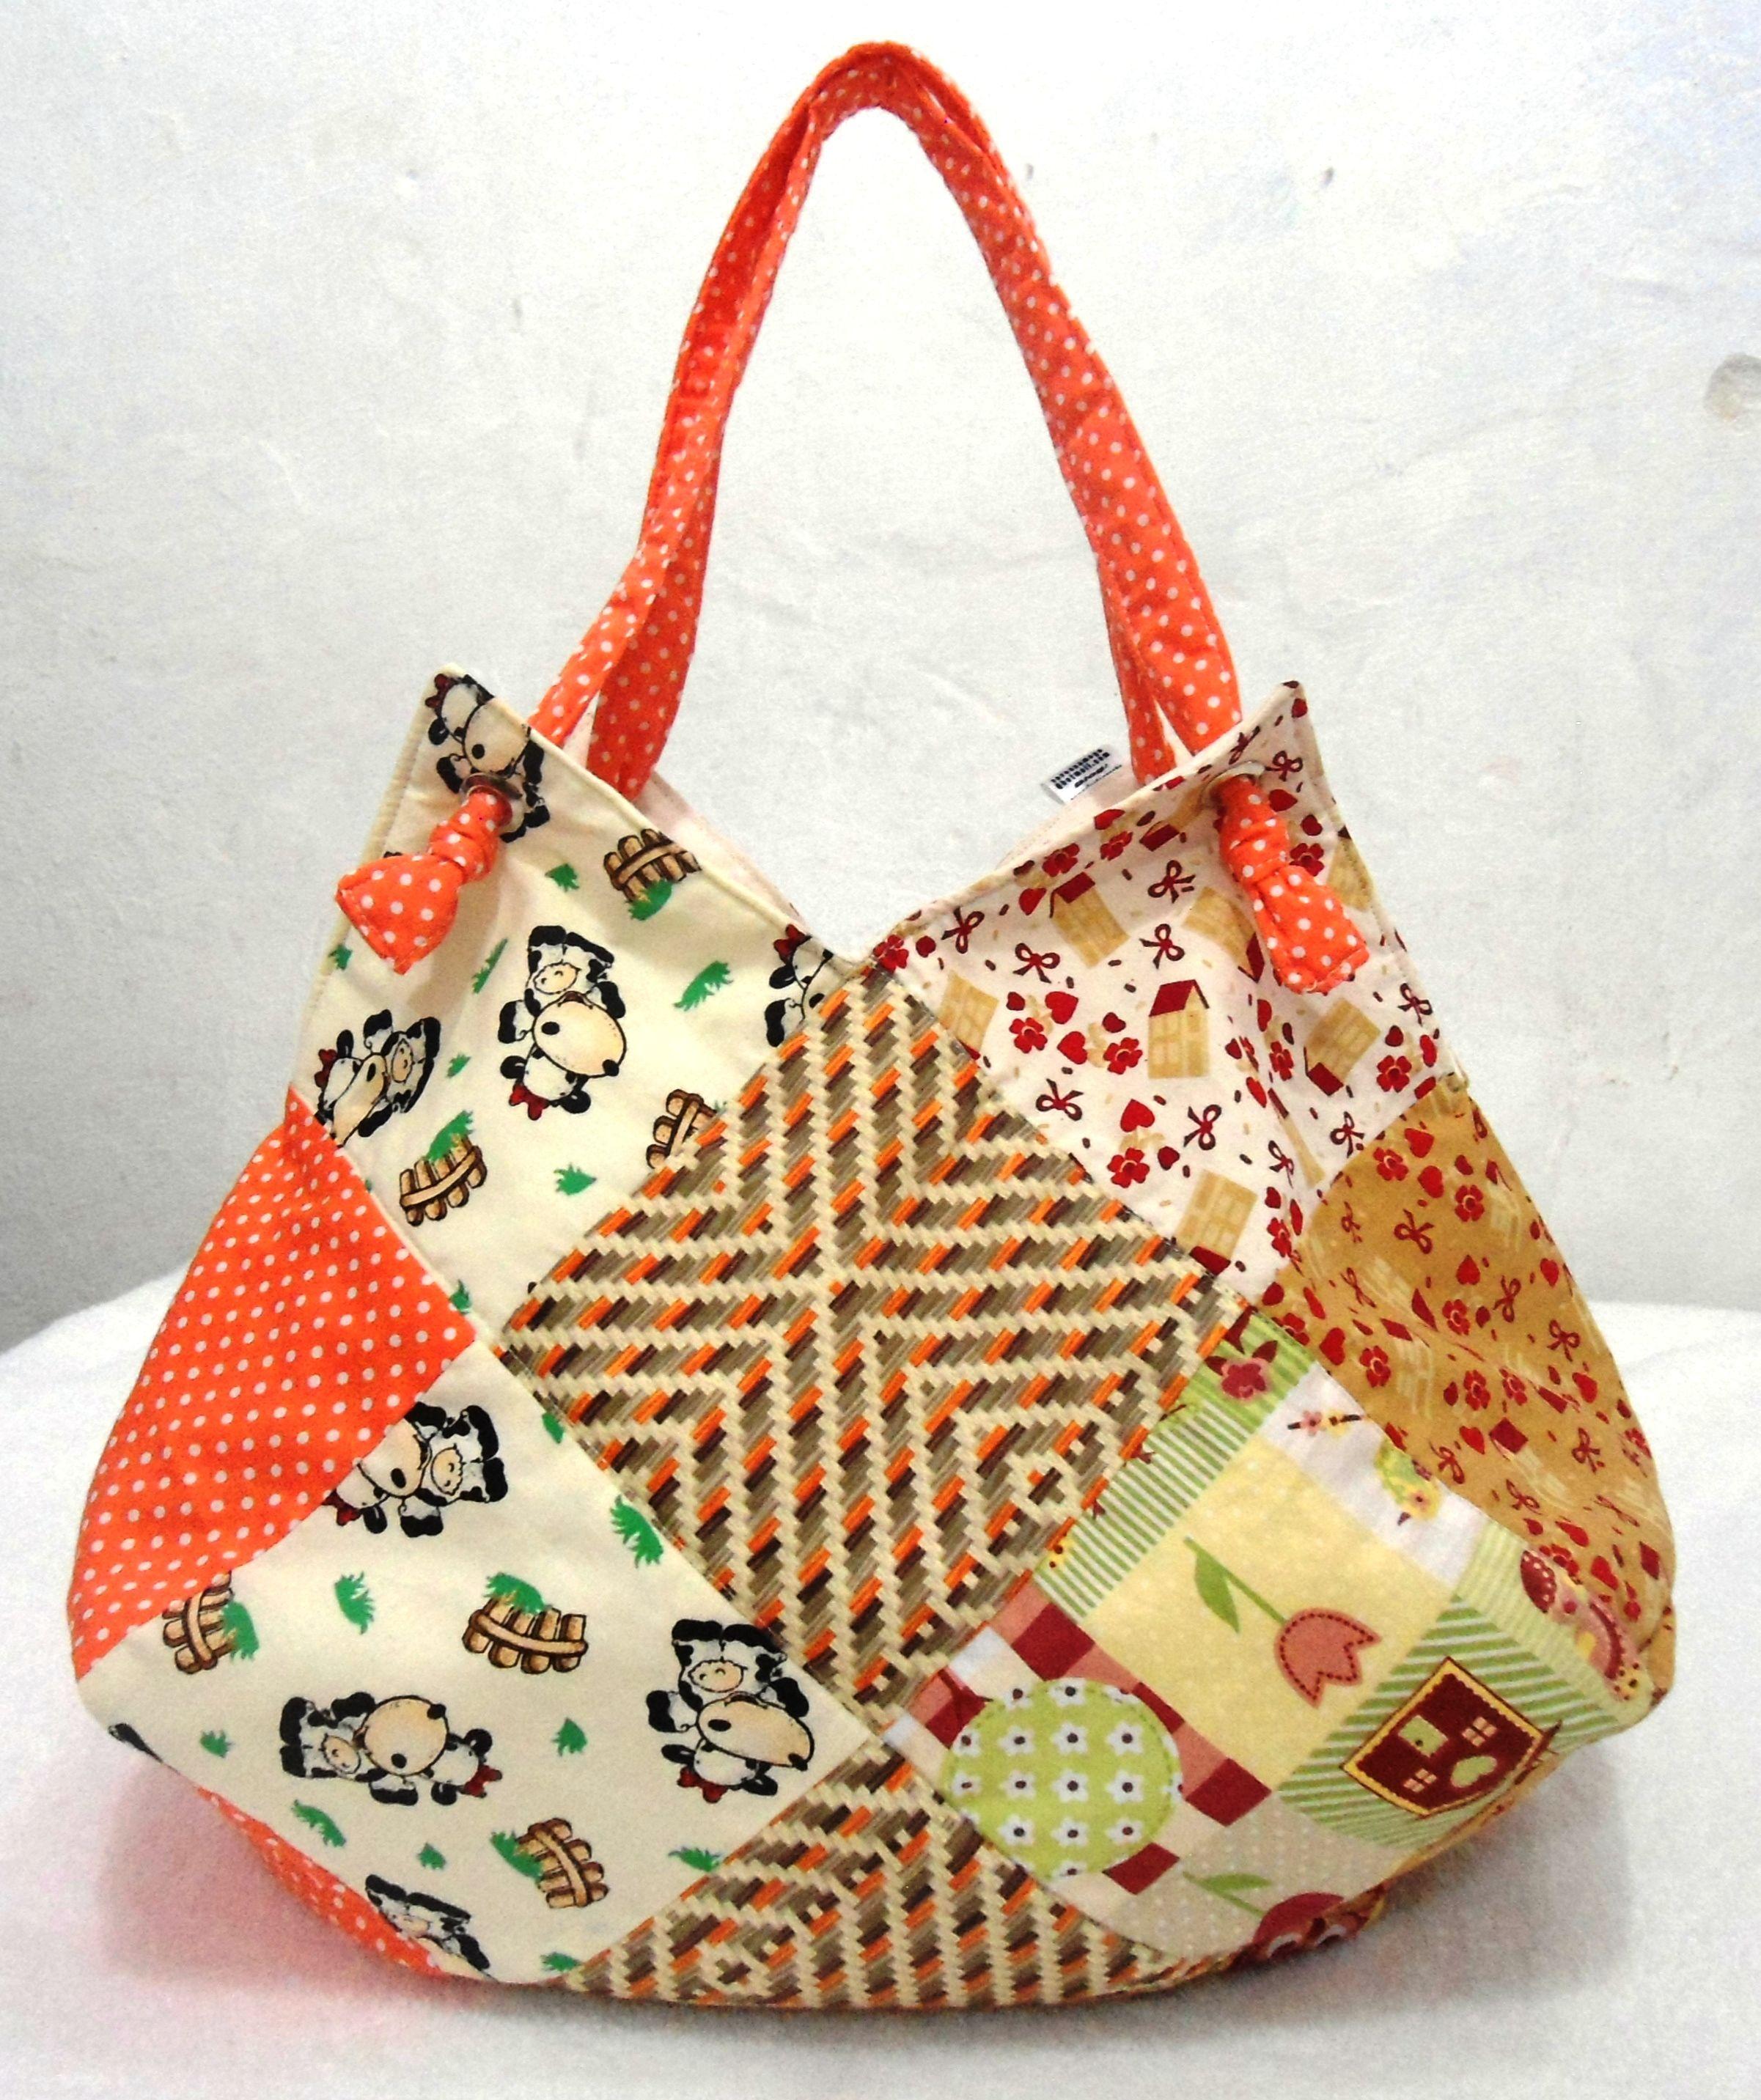 Adesivo De Herpes Labial ~ Bolsa em patchwork Artesanato Pinterest Bolsa em patchwork, Patchwork e Bolsinhas